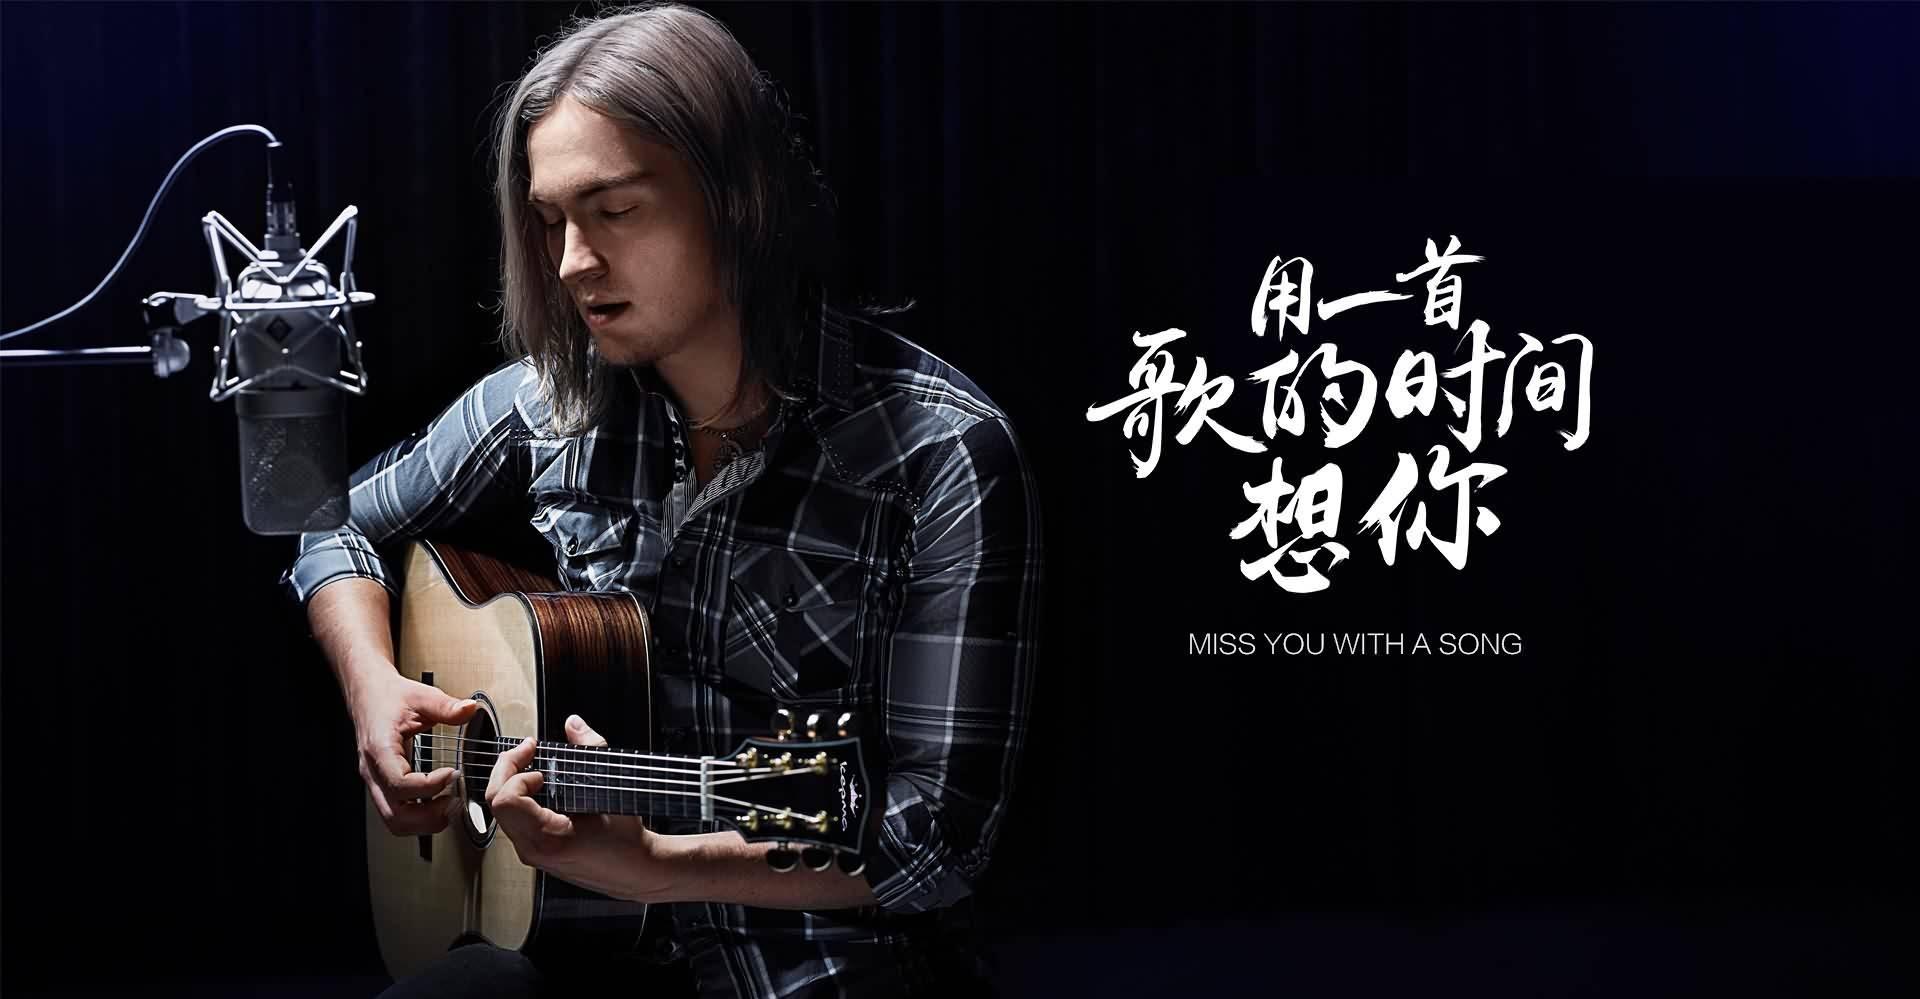 竞博电子竞技大赛/滚石/琴行/音箱/乐器/吉他